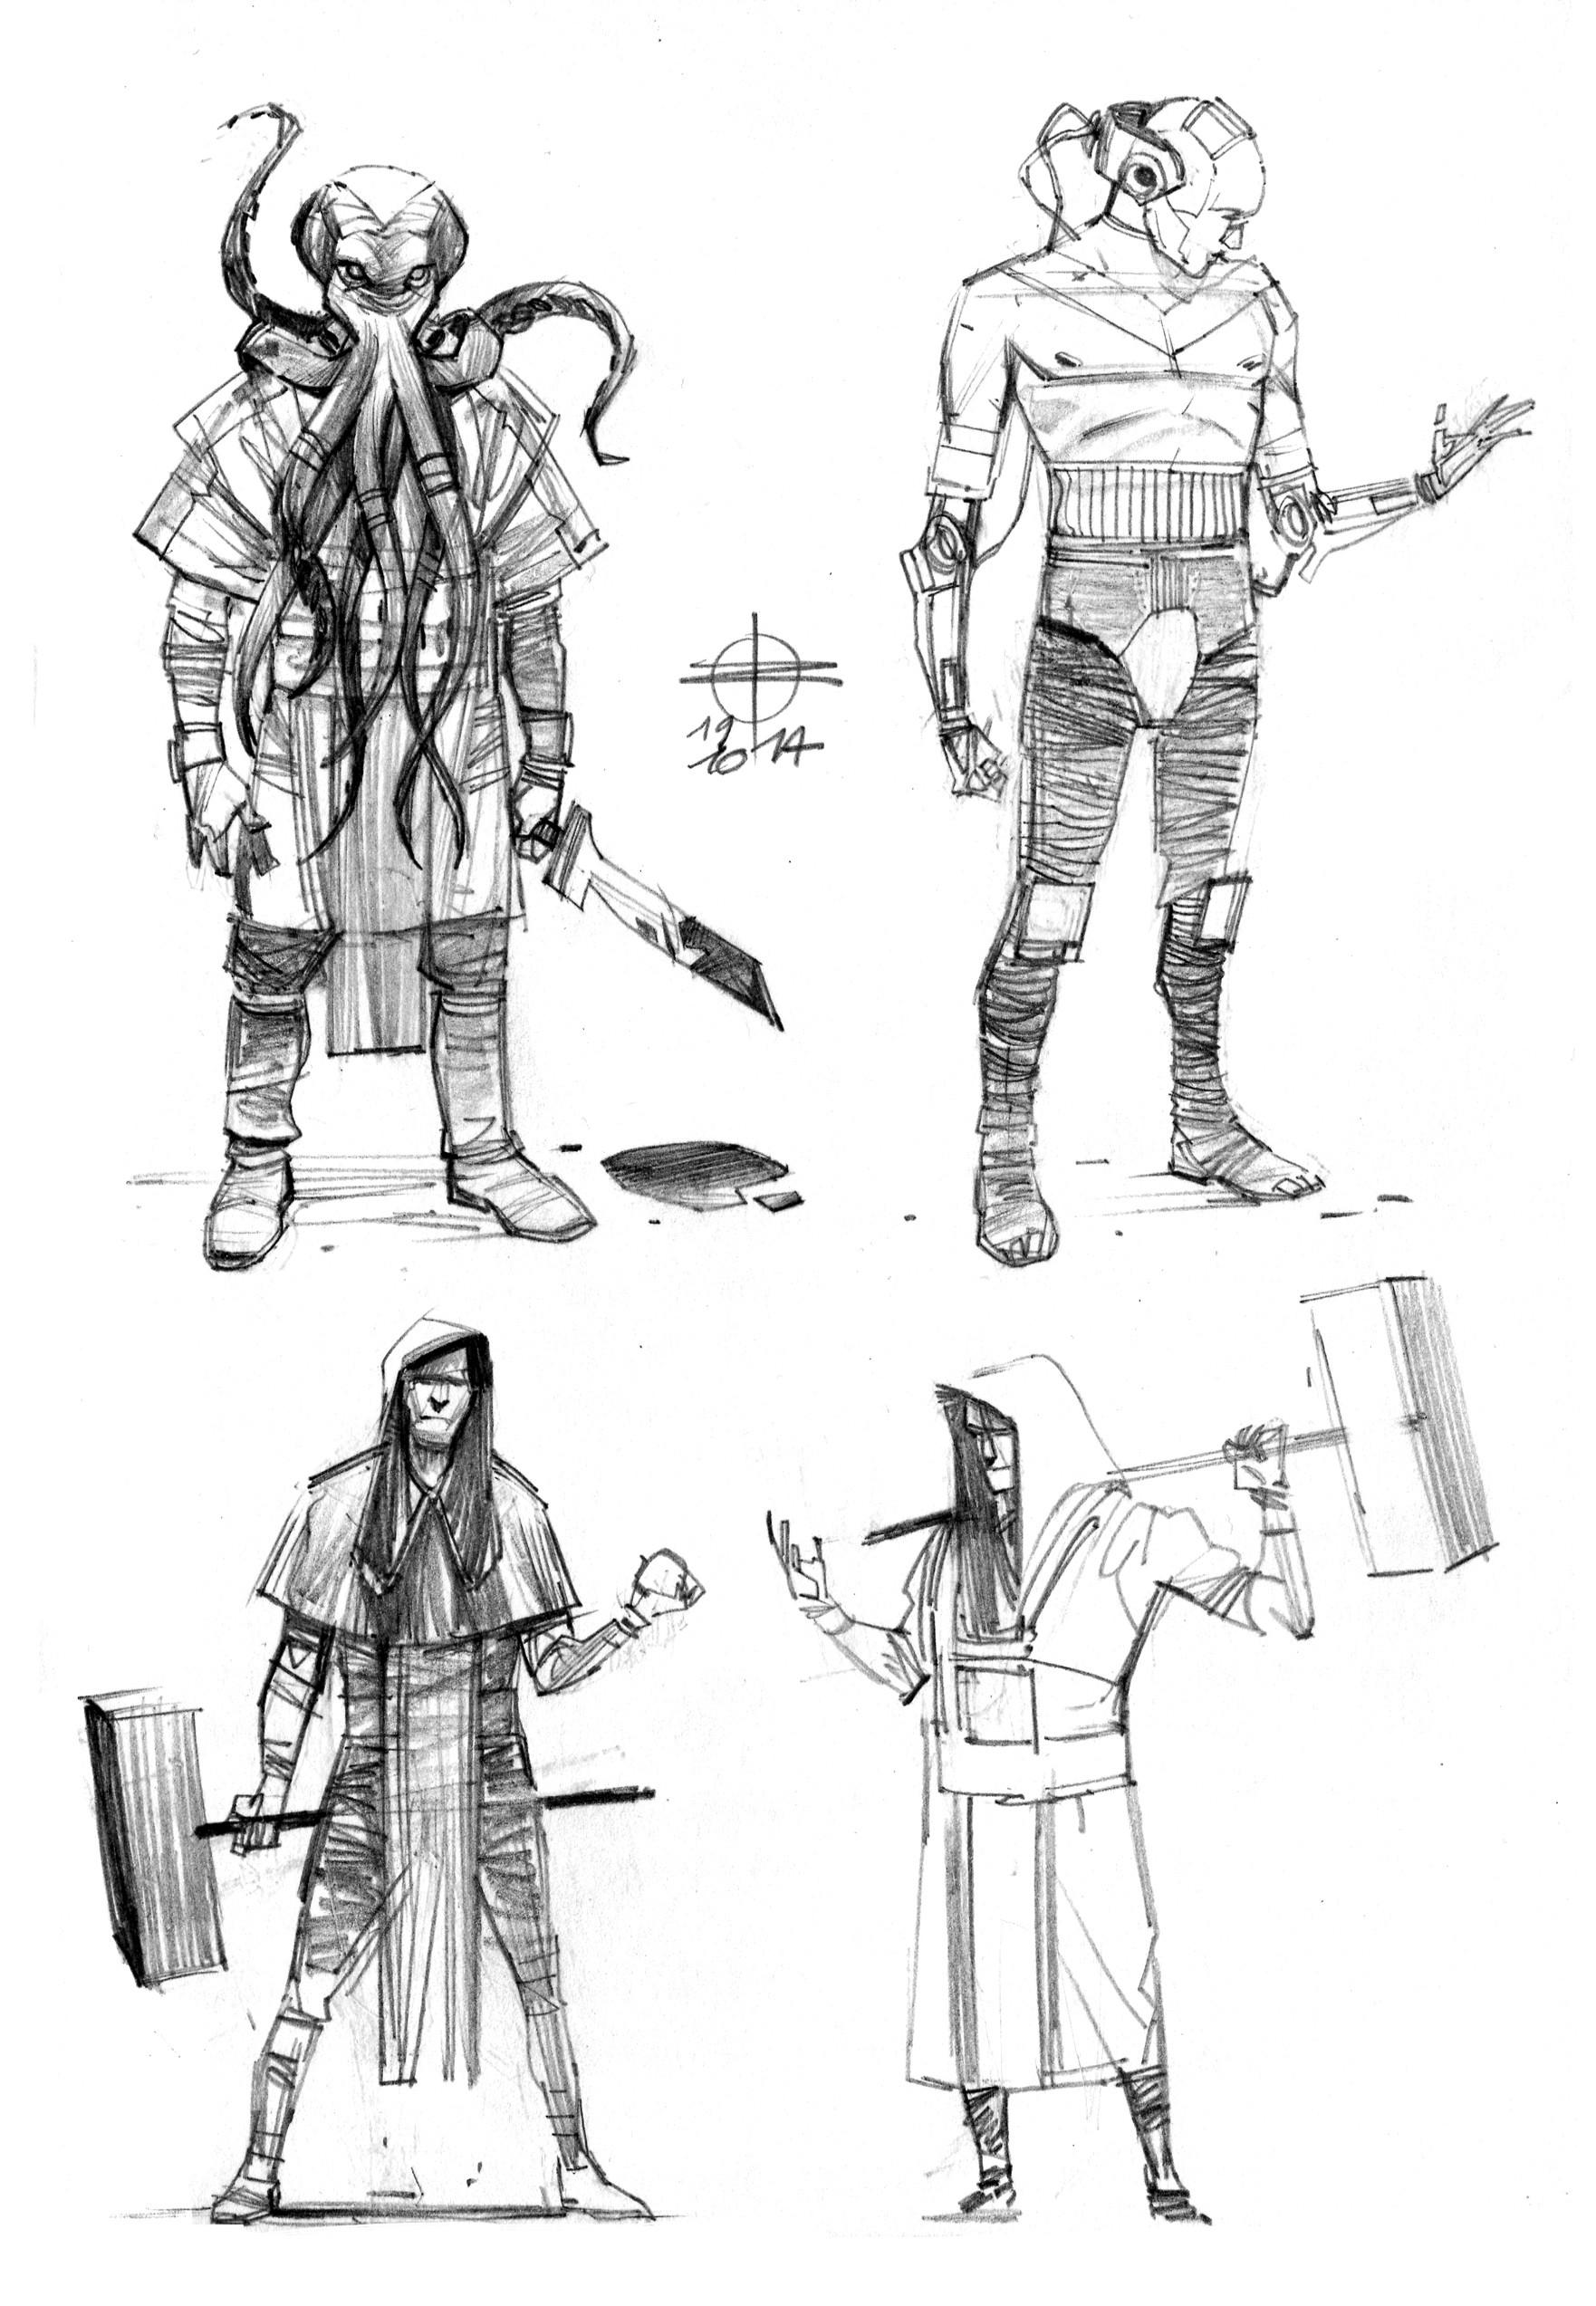 Renaud roche sketchbook12